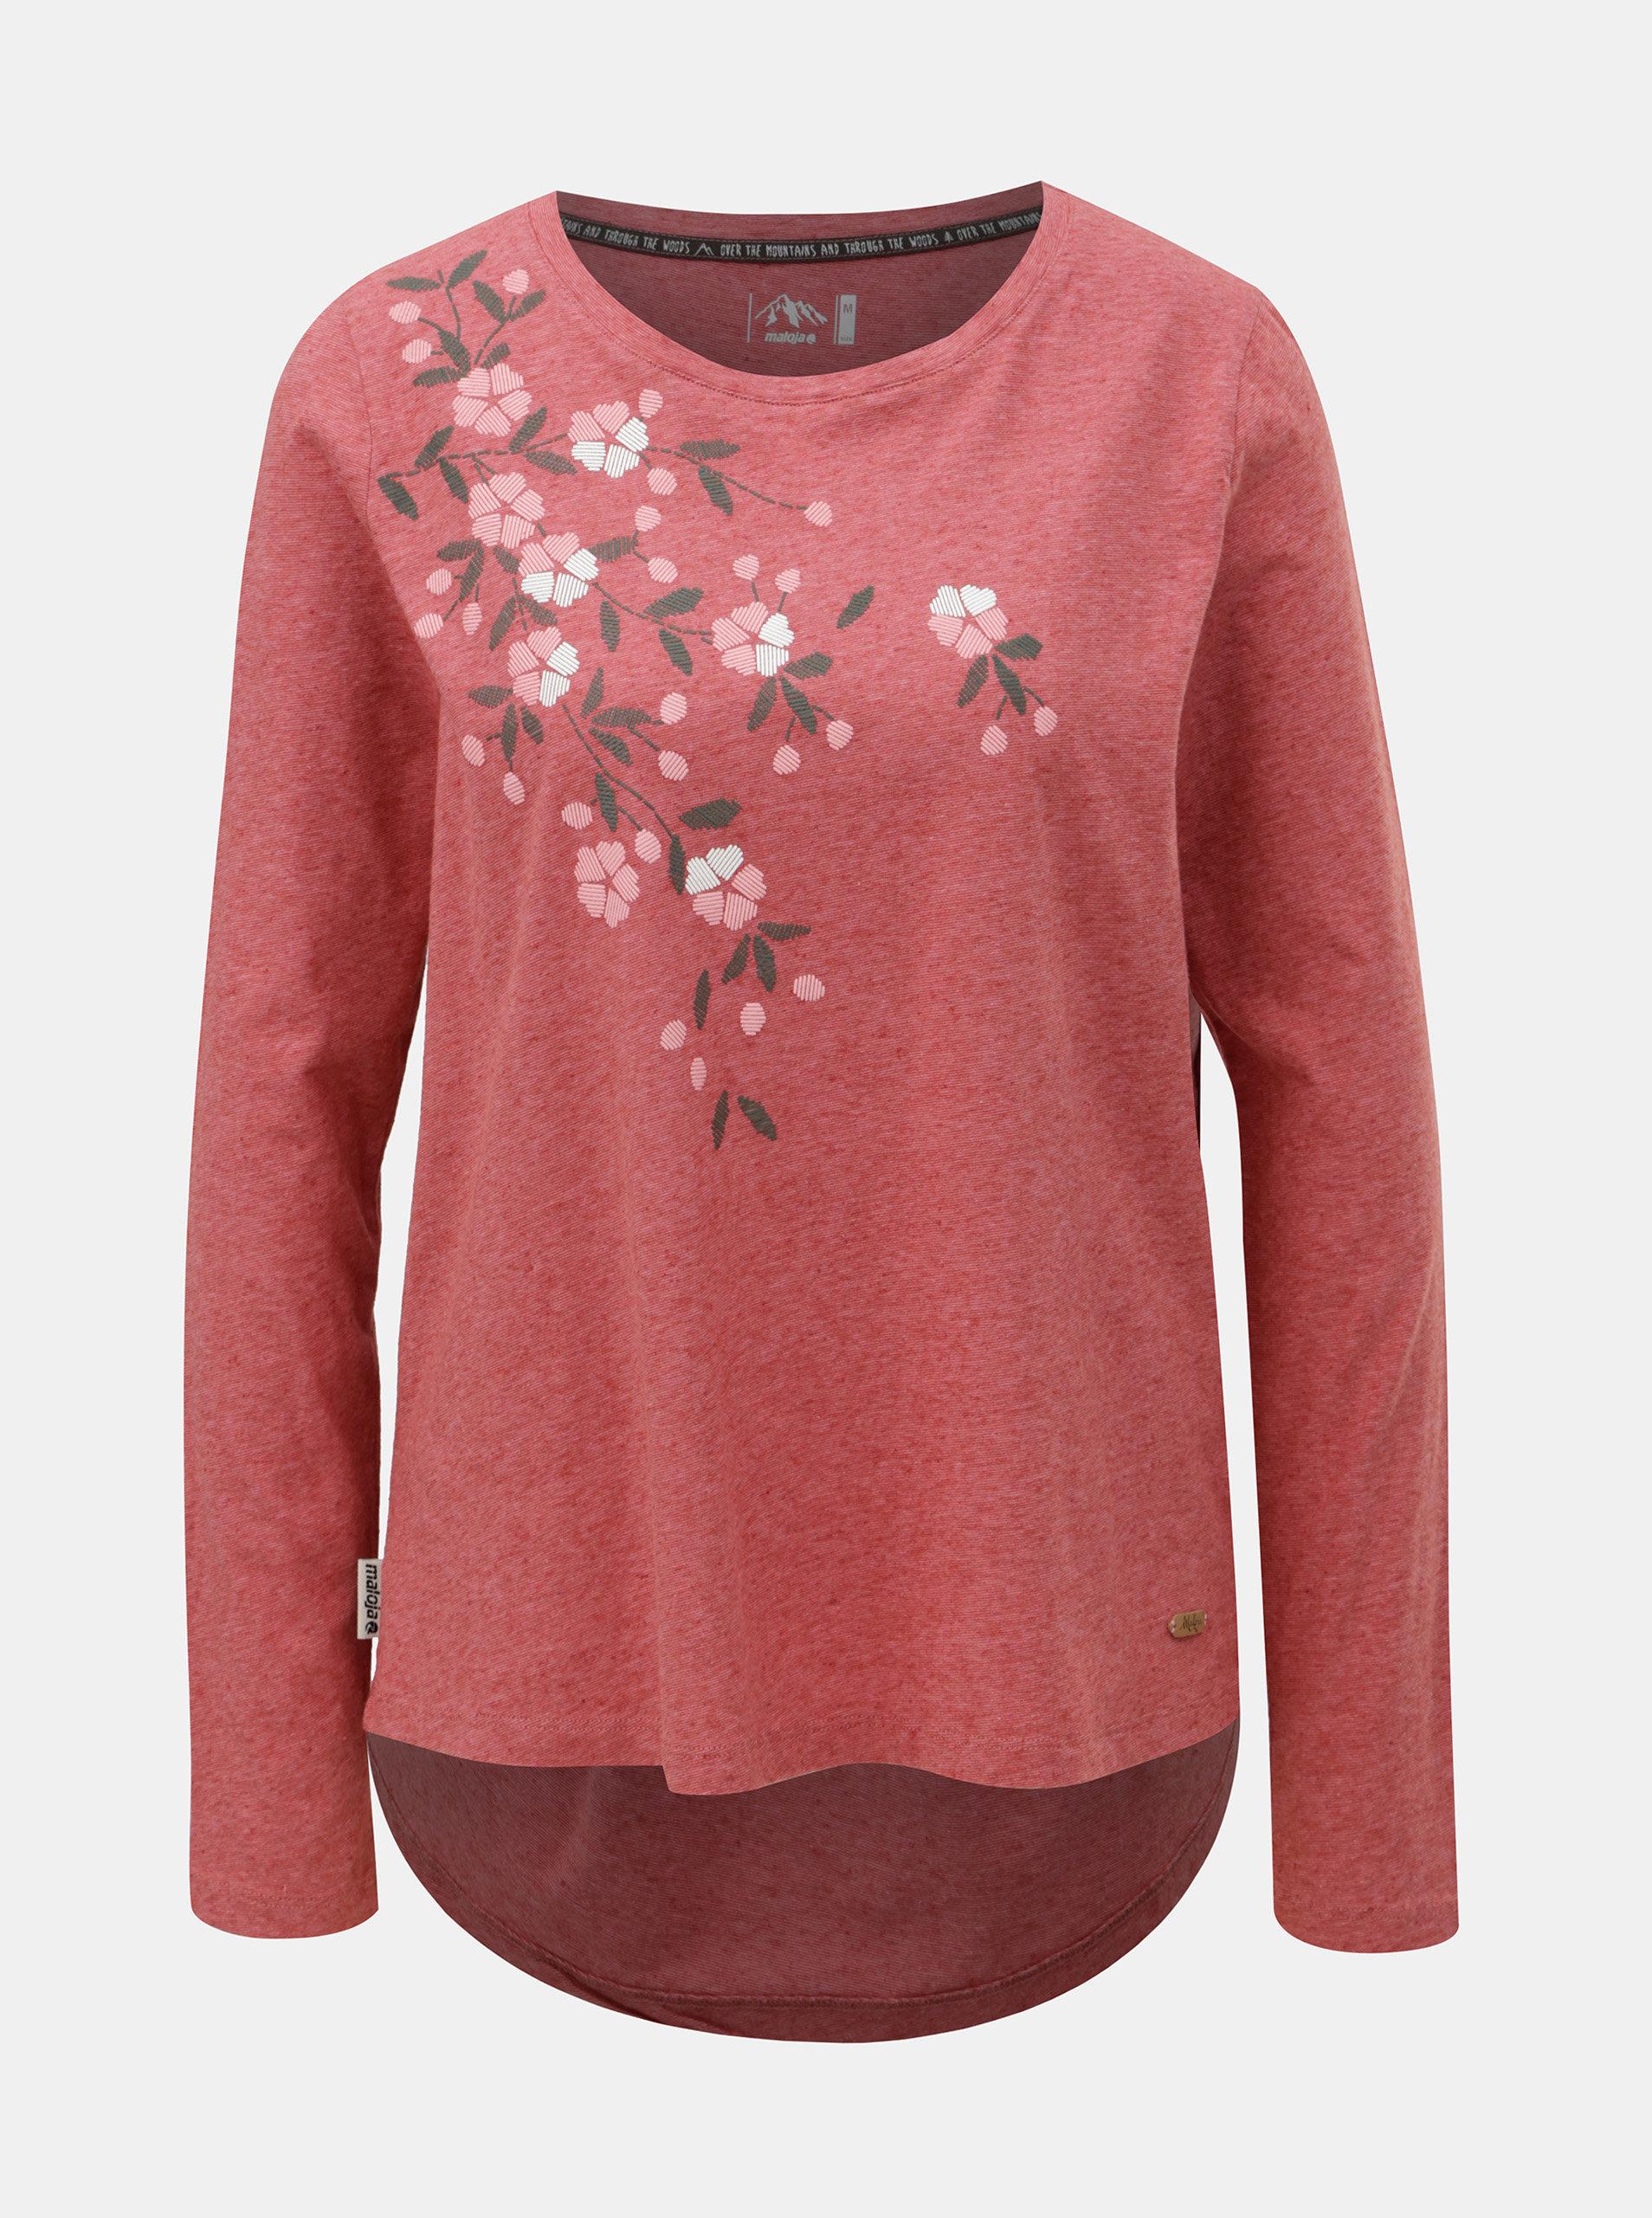 Červené dámské žíhané tričko s příměsí lnu Maloja Barnaba ... 33c94e47c5